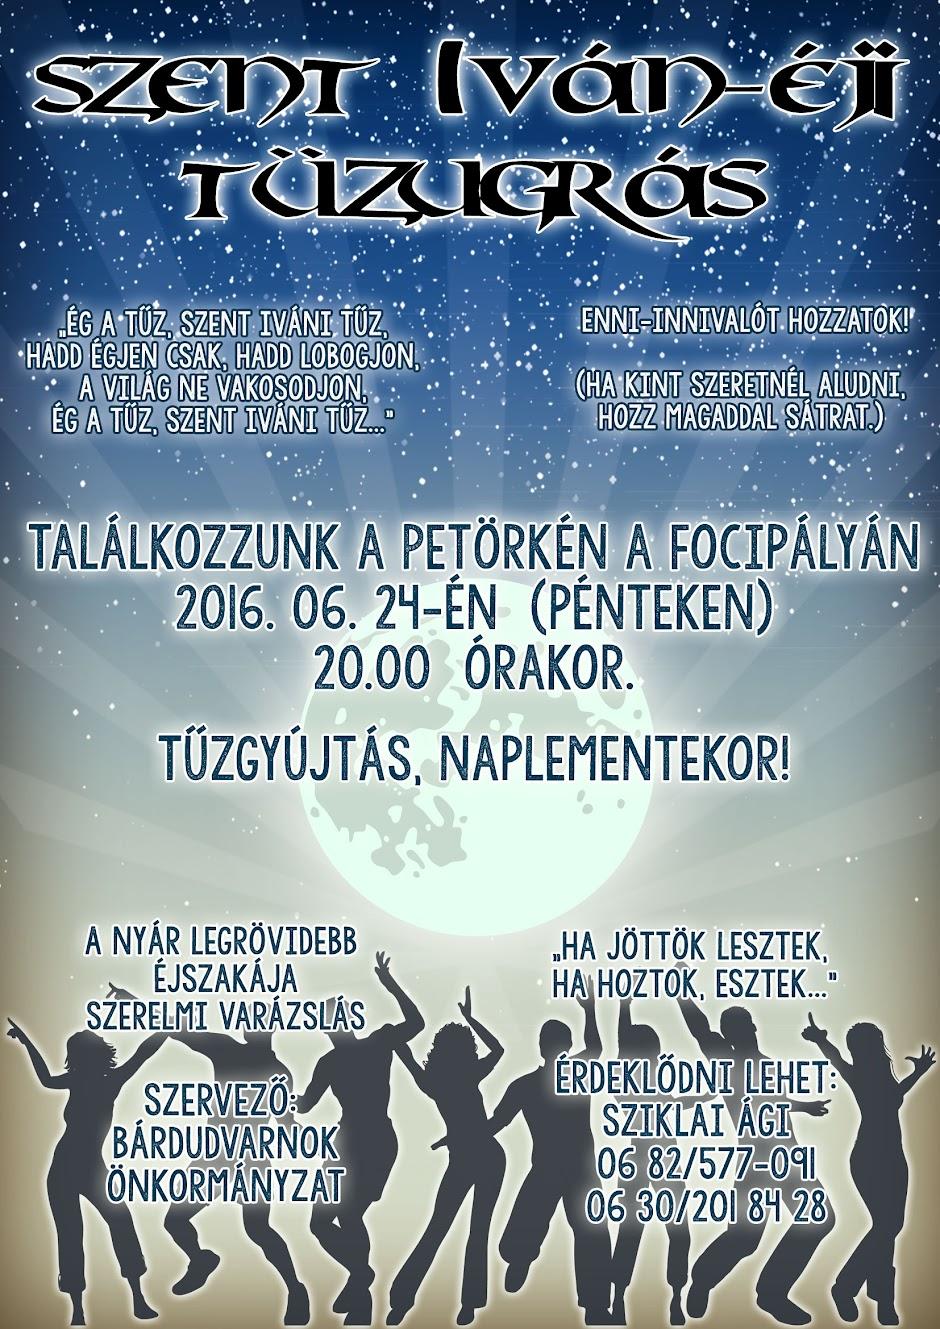 Szent Iván-éji tűzugrás plakát